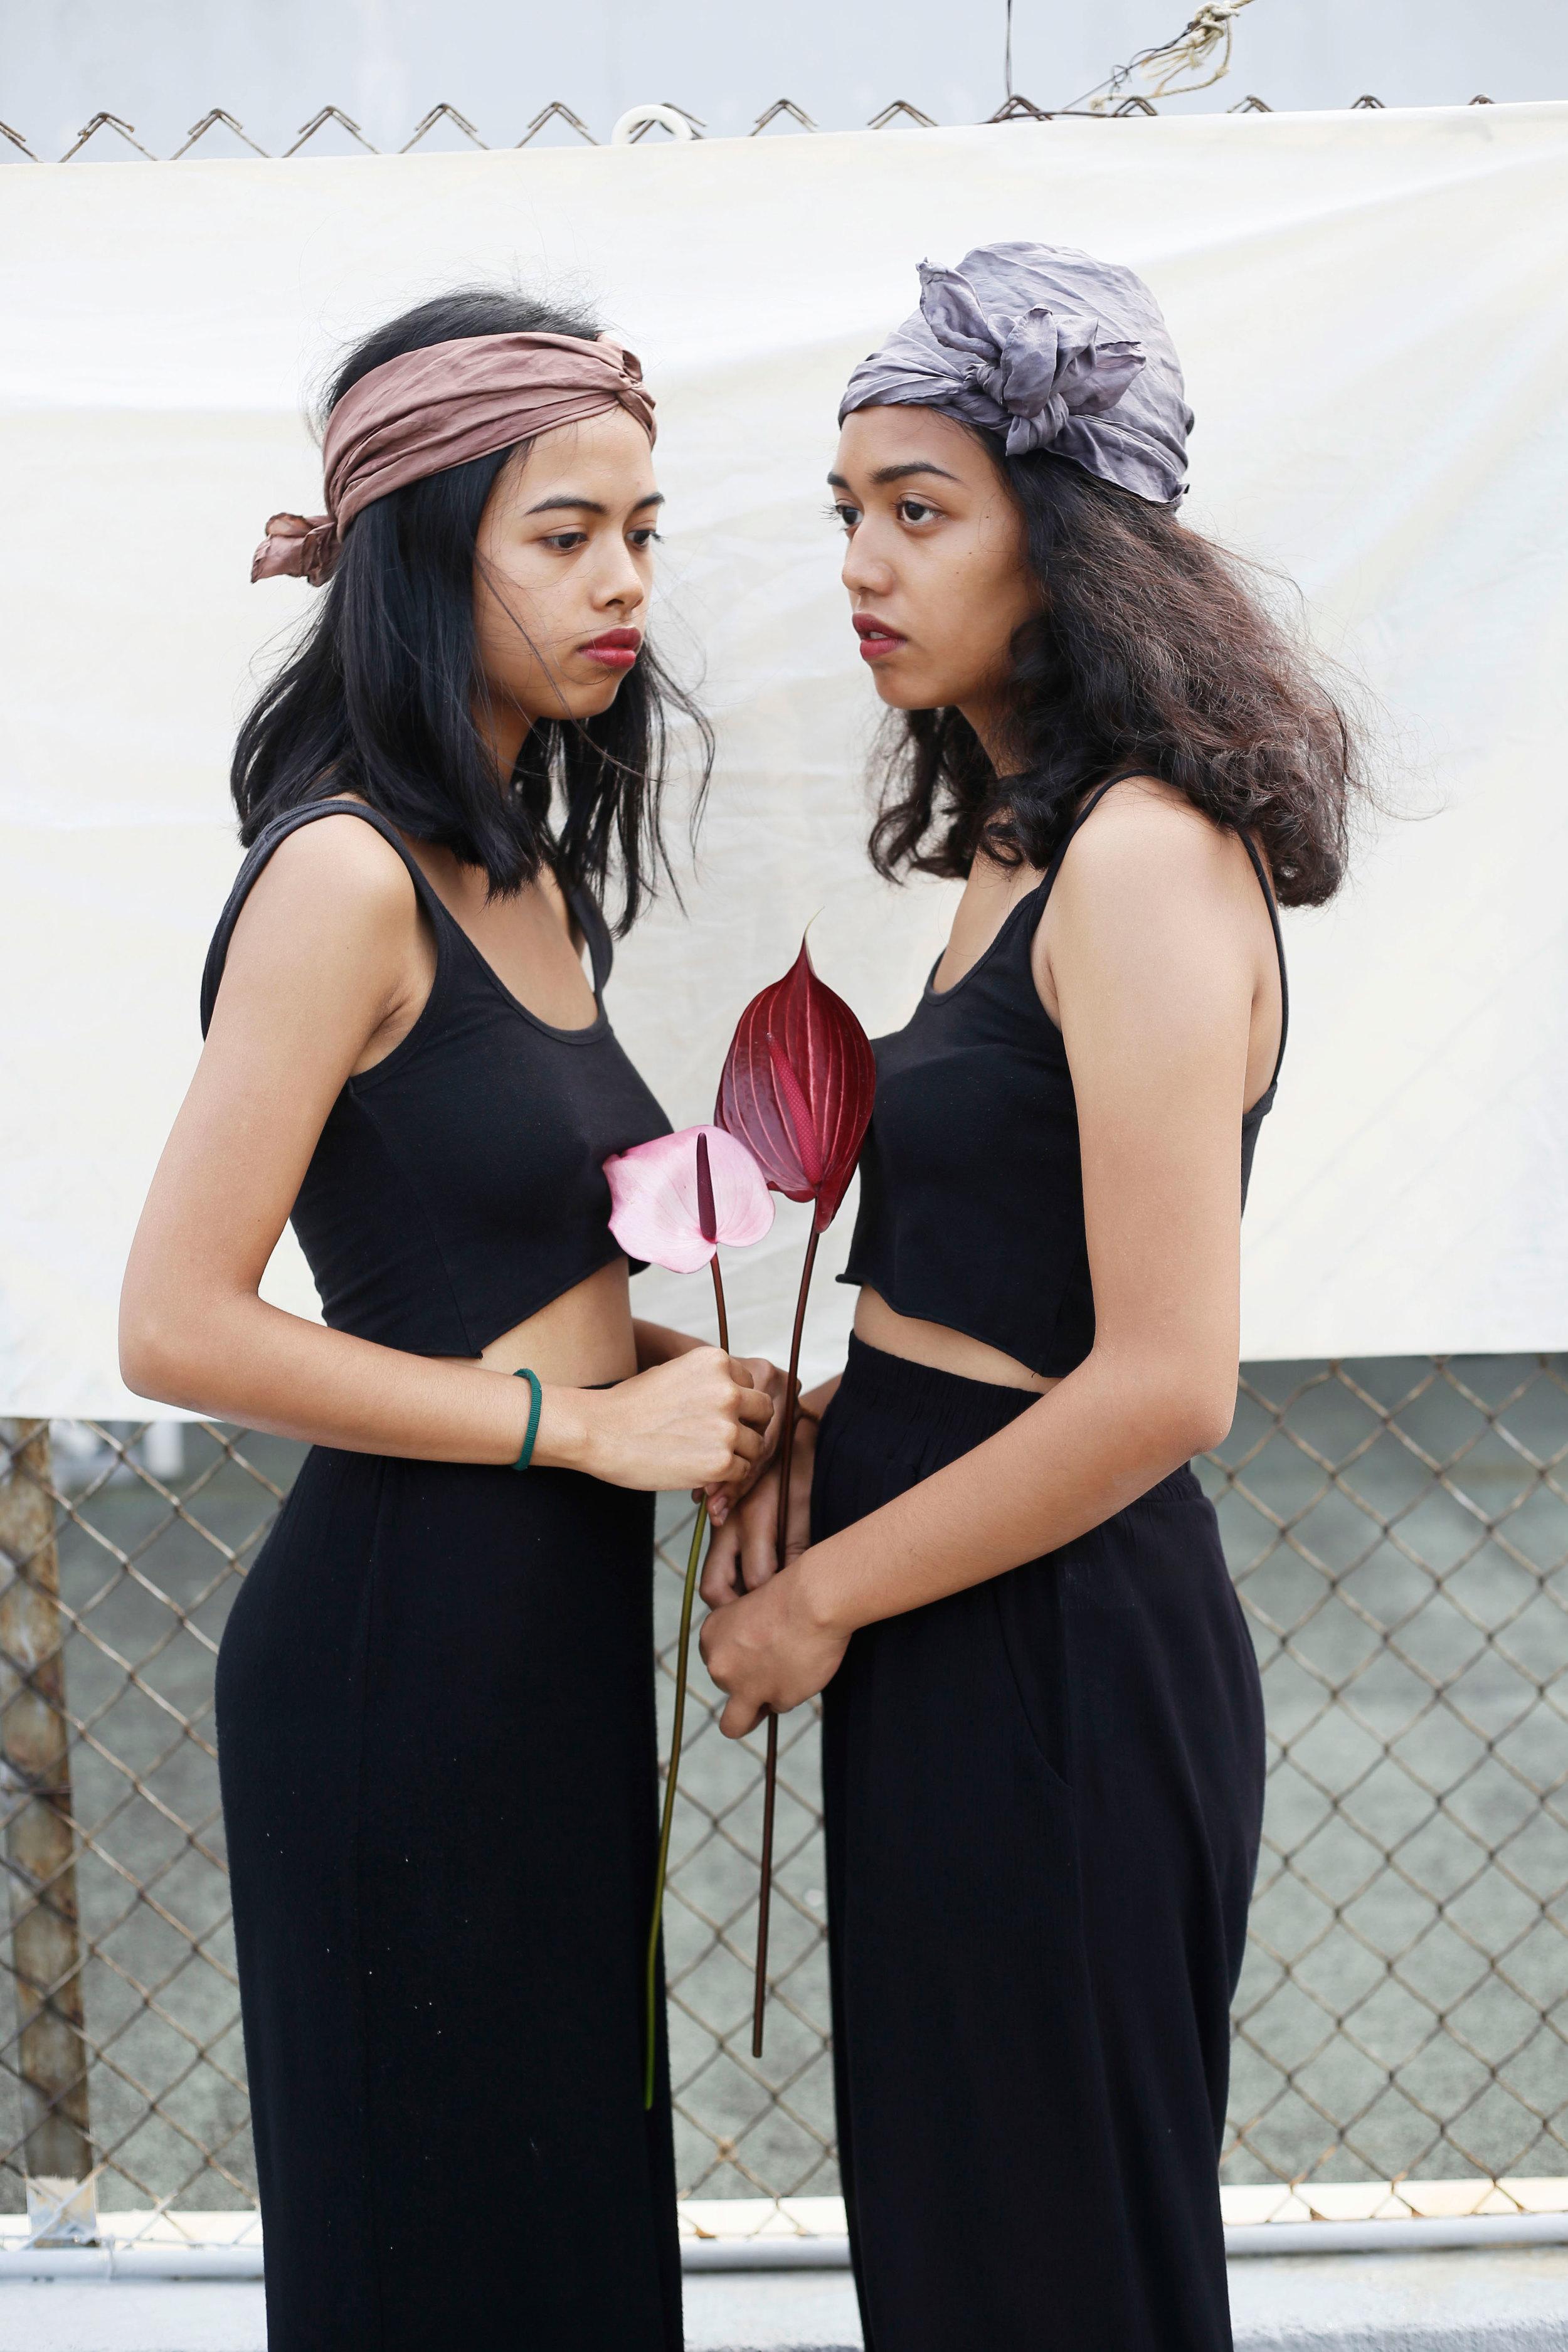 sisters_Facing_flower.jpg